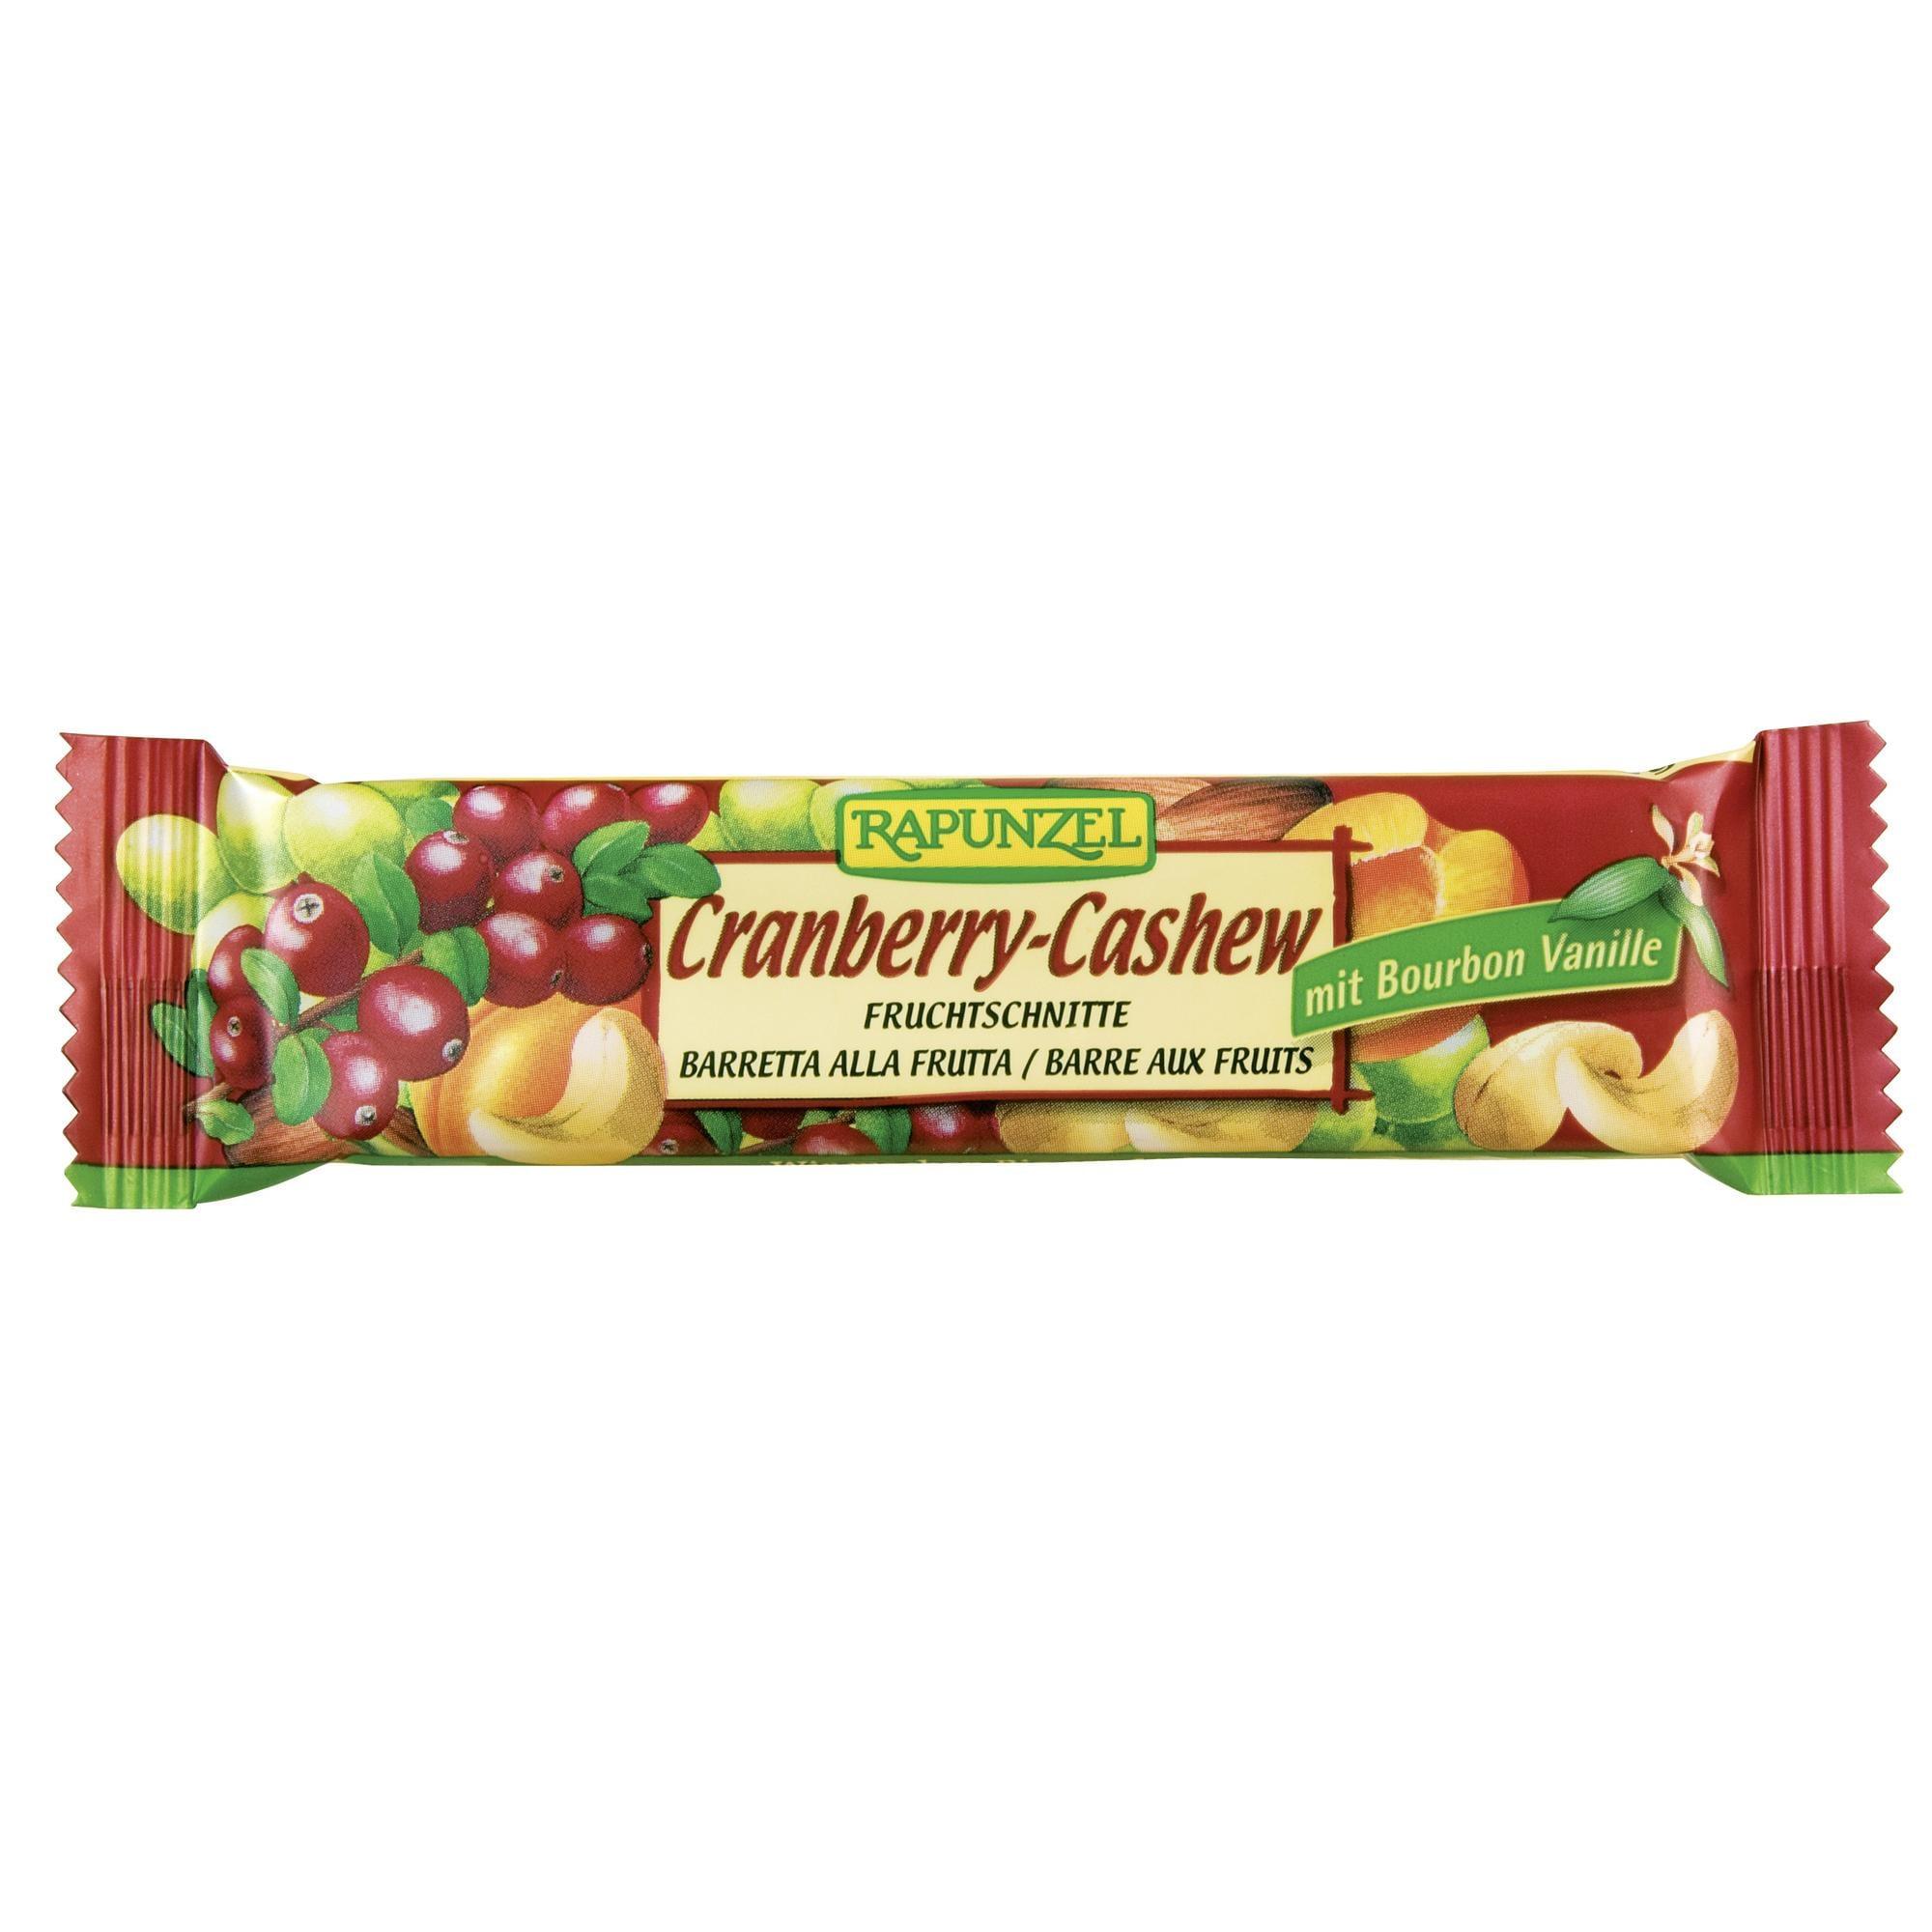 Rapunzel Bio Fruchtschnitte Cranberry-Cashew 40g